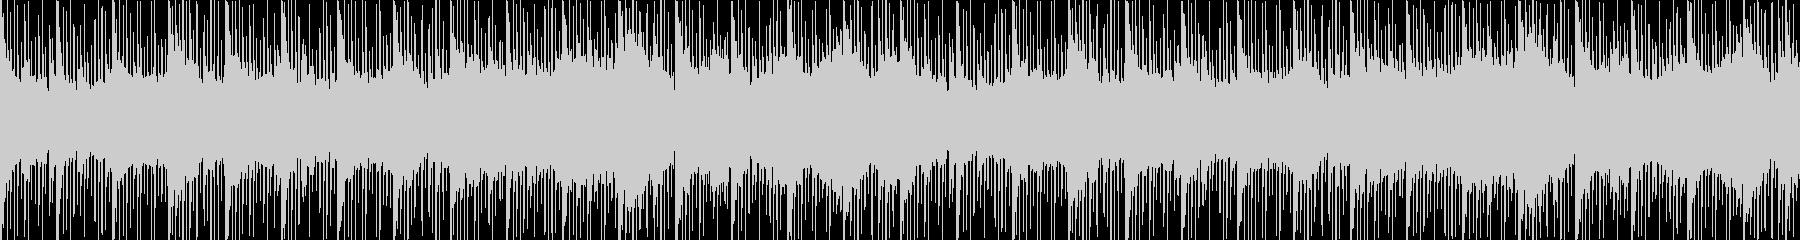 クリスタルの洞窟のテーマの未再生の波形